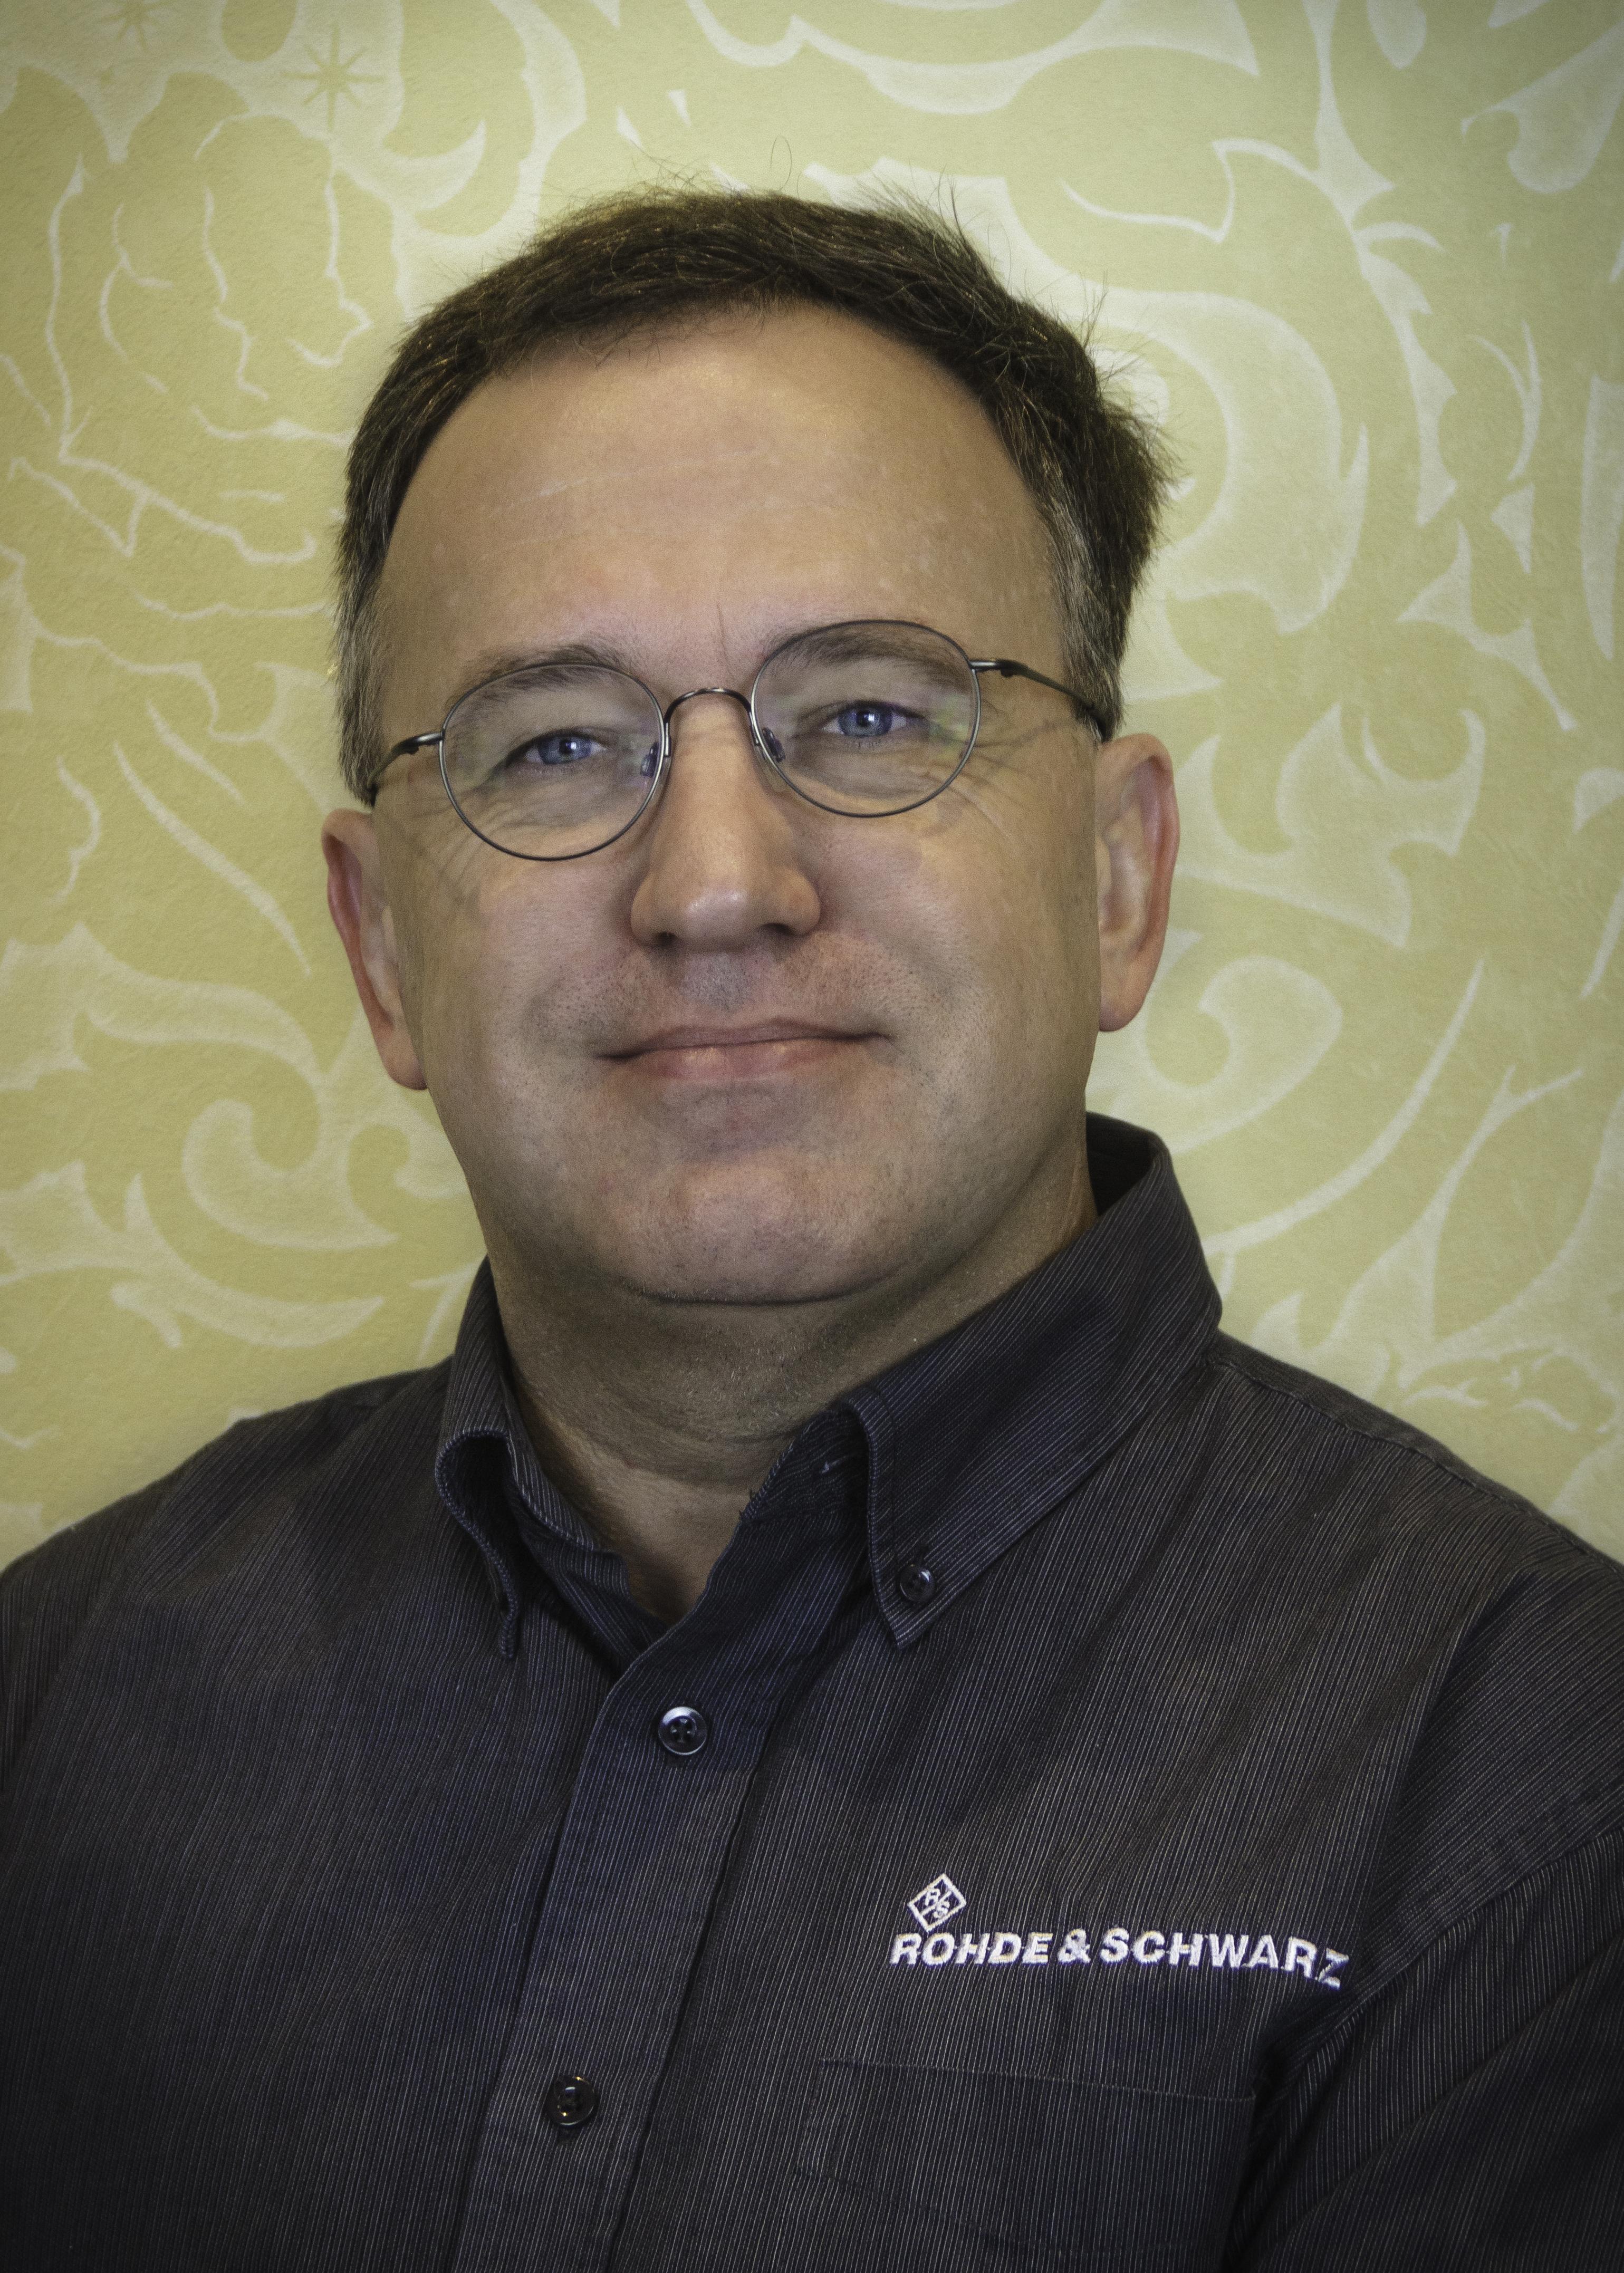 Paul Denisowski